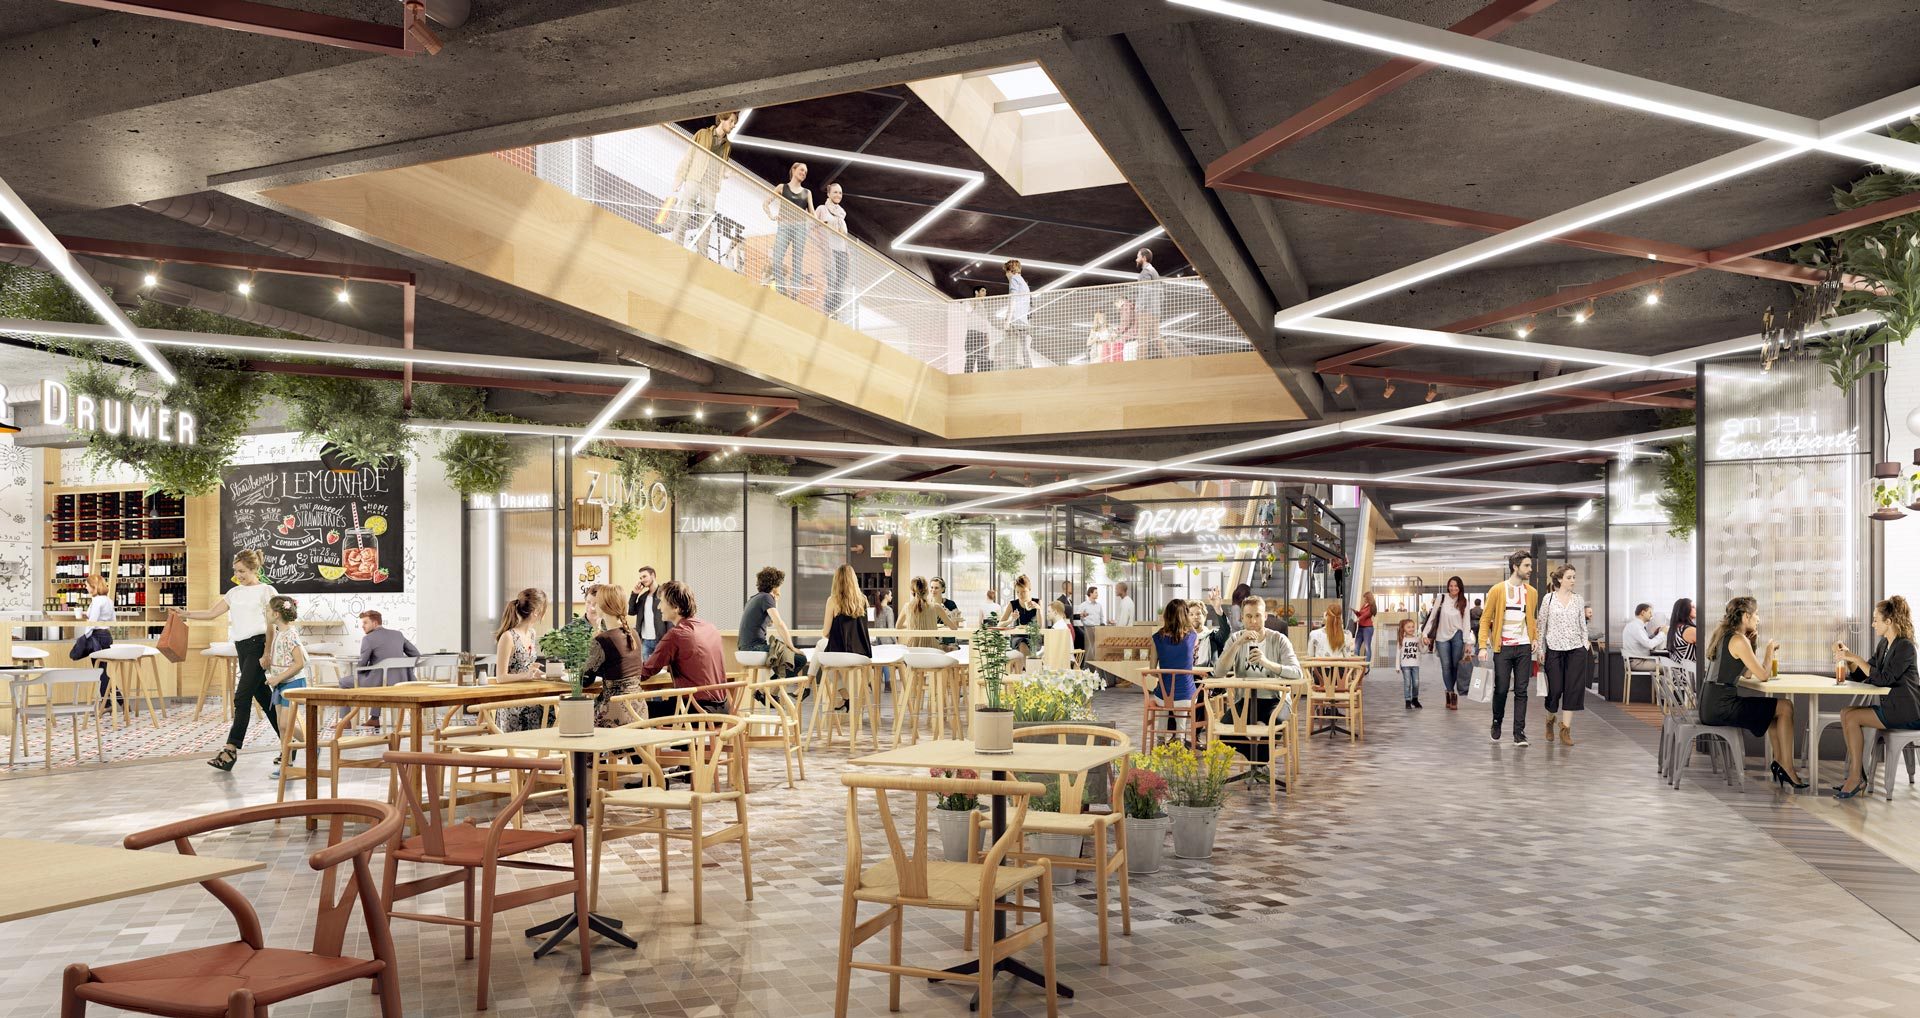 Les ateliers ga t paris futur for Centre commercial grand tour sainte eulalie